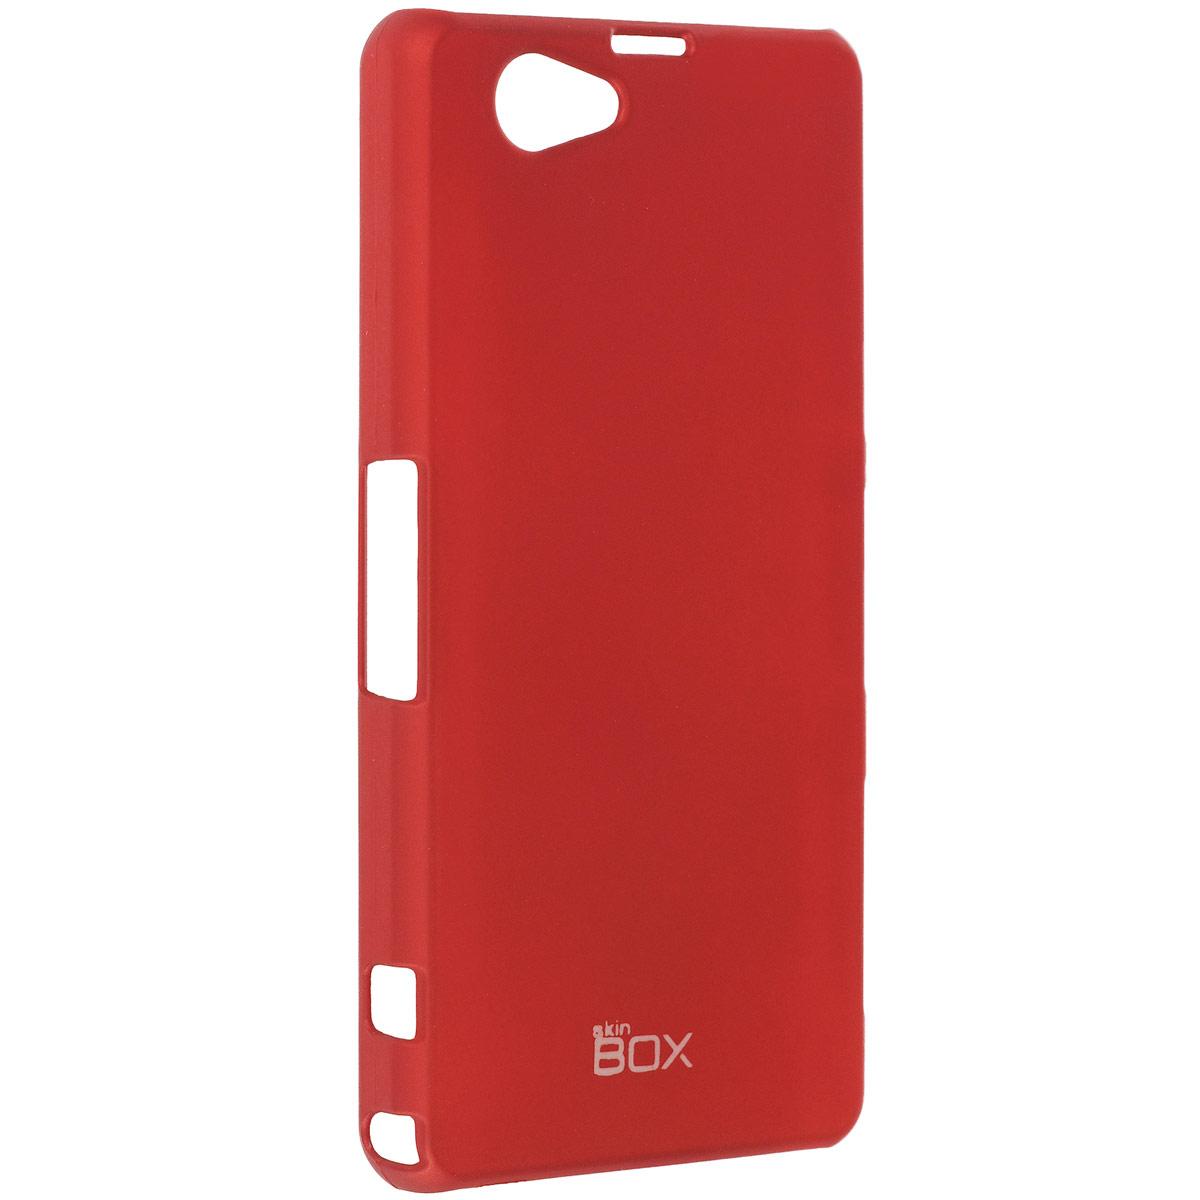 Skinbox Shield 4People чехол для Sony Xperia Z1 Compact, RedT-S-SXZ1C-002Чехол Skinbox Shield 4People для Sony Xperia Z1 Compact предназначен для защиты корпуса смартфона от механических повреждений и царапин в процессе эксплуатации. Имеется свободный доступ ко всем разъемам и кнопкам устройства. В комплект также входит защитная пленка на экран телефона.